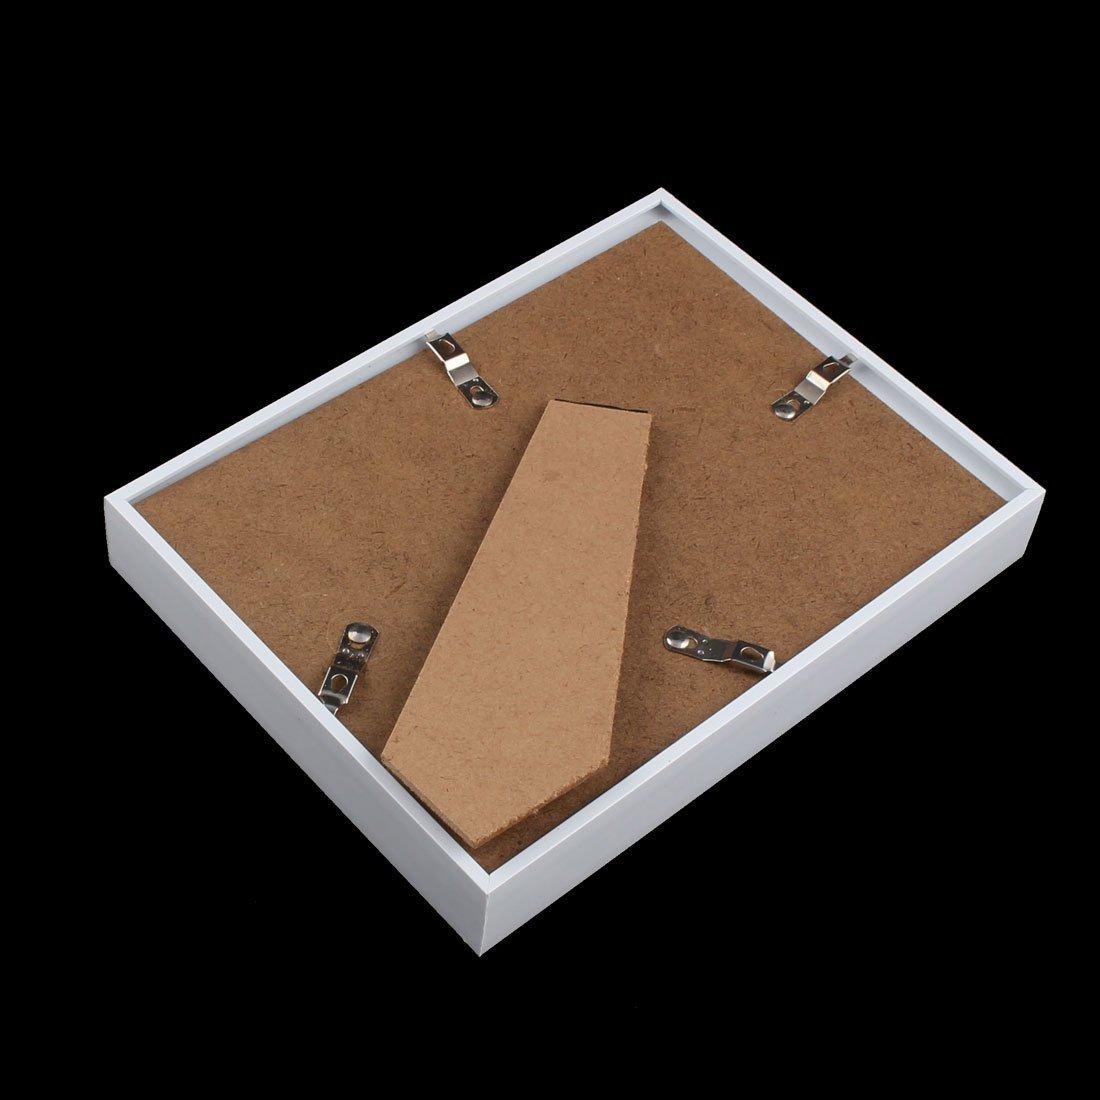 Amazon.com - eDealMax Hollow Familia Foto joyería del clavo de Shell Marco de la pantalla de la caja 8 x 6 pulgadas blancos -